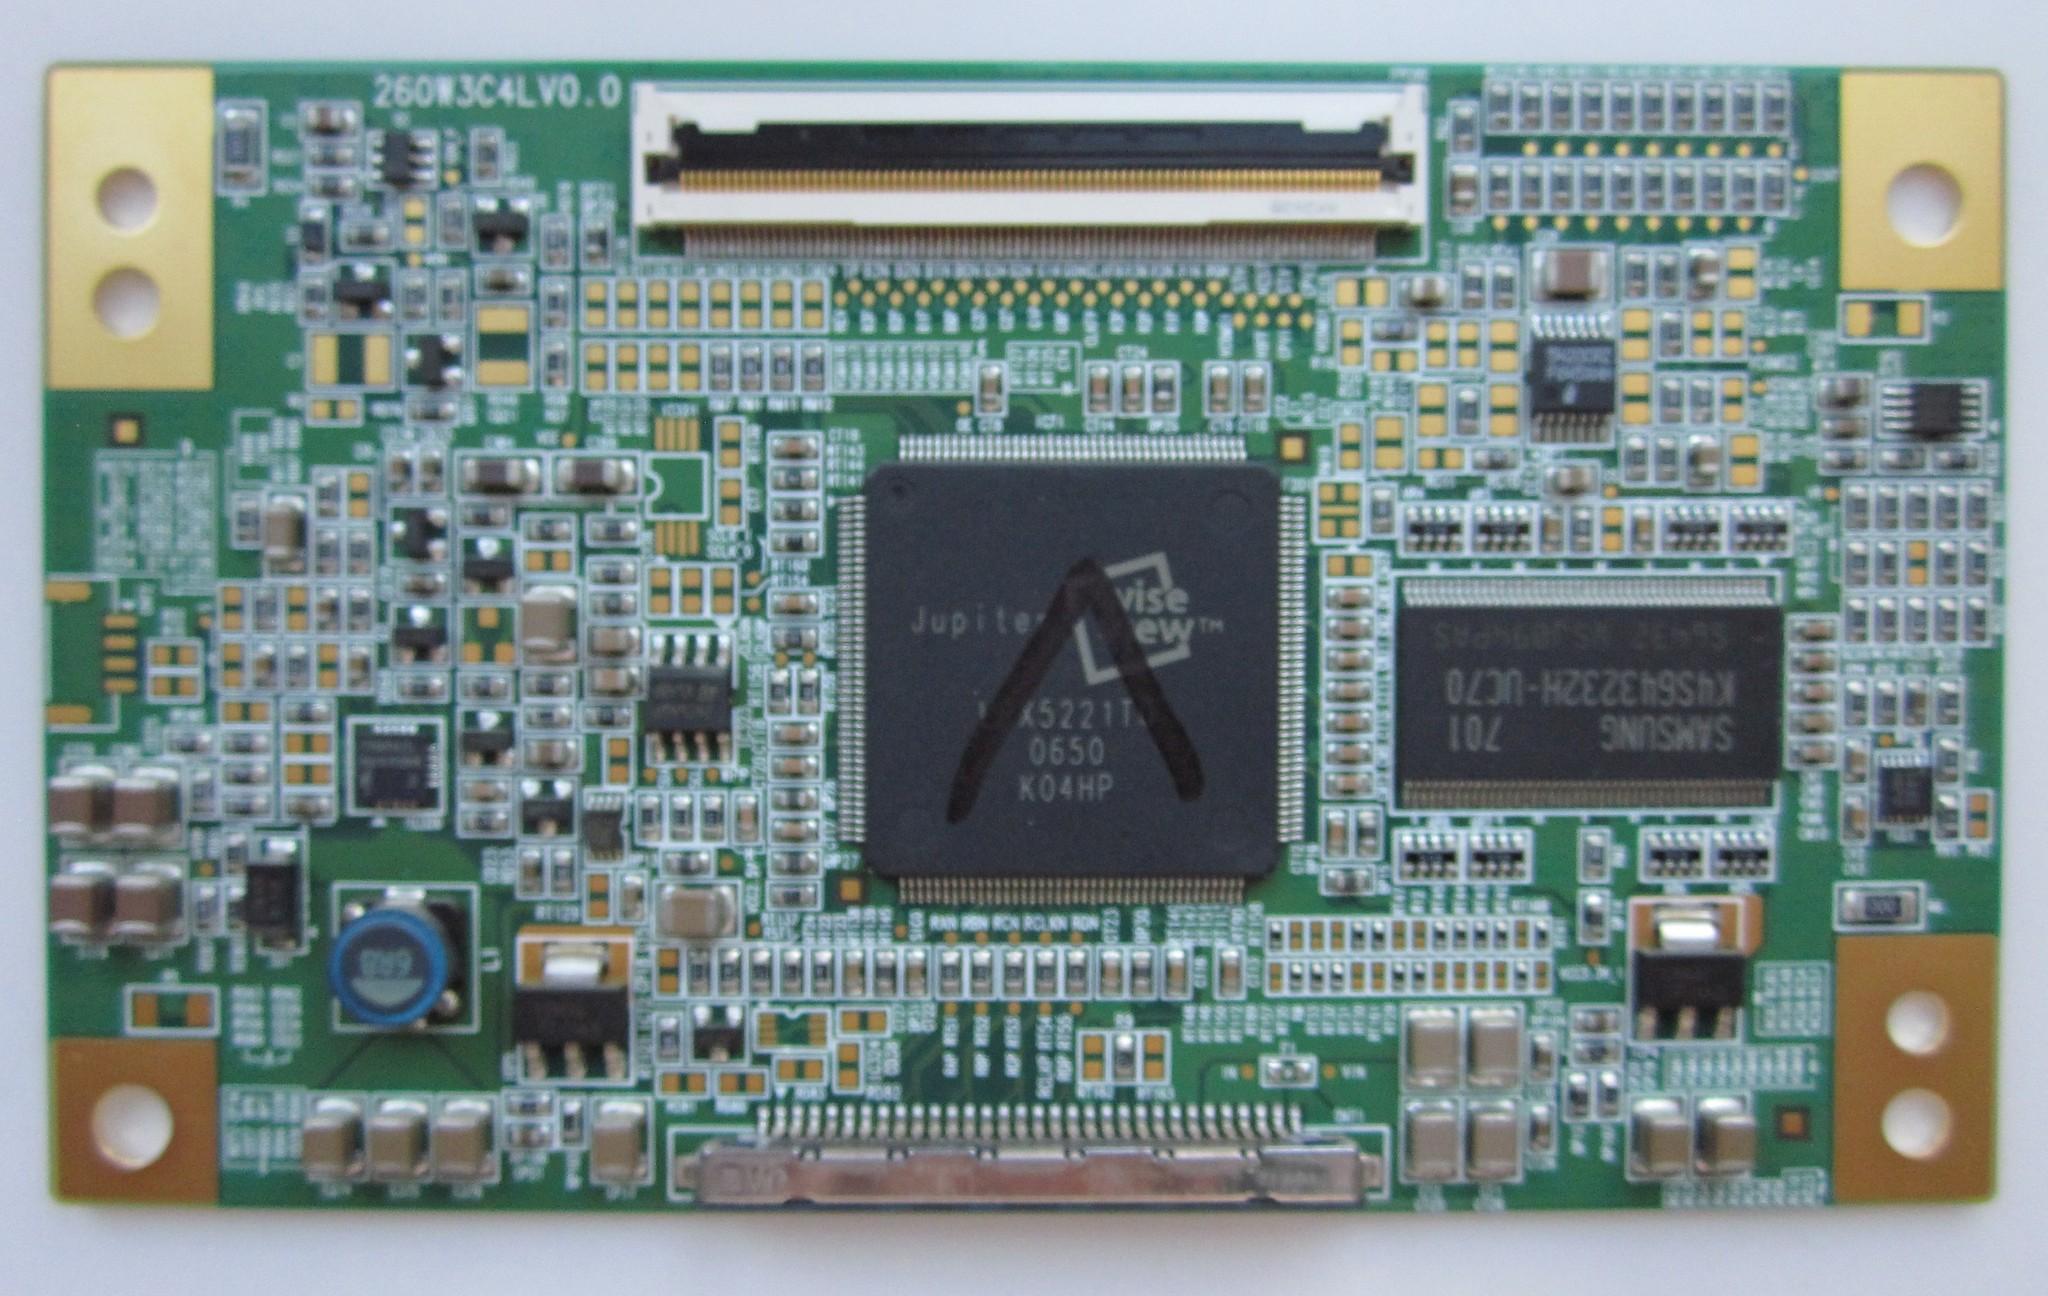 260W3C4LV0.0